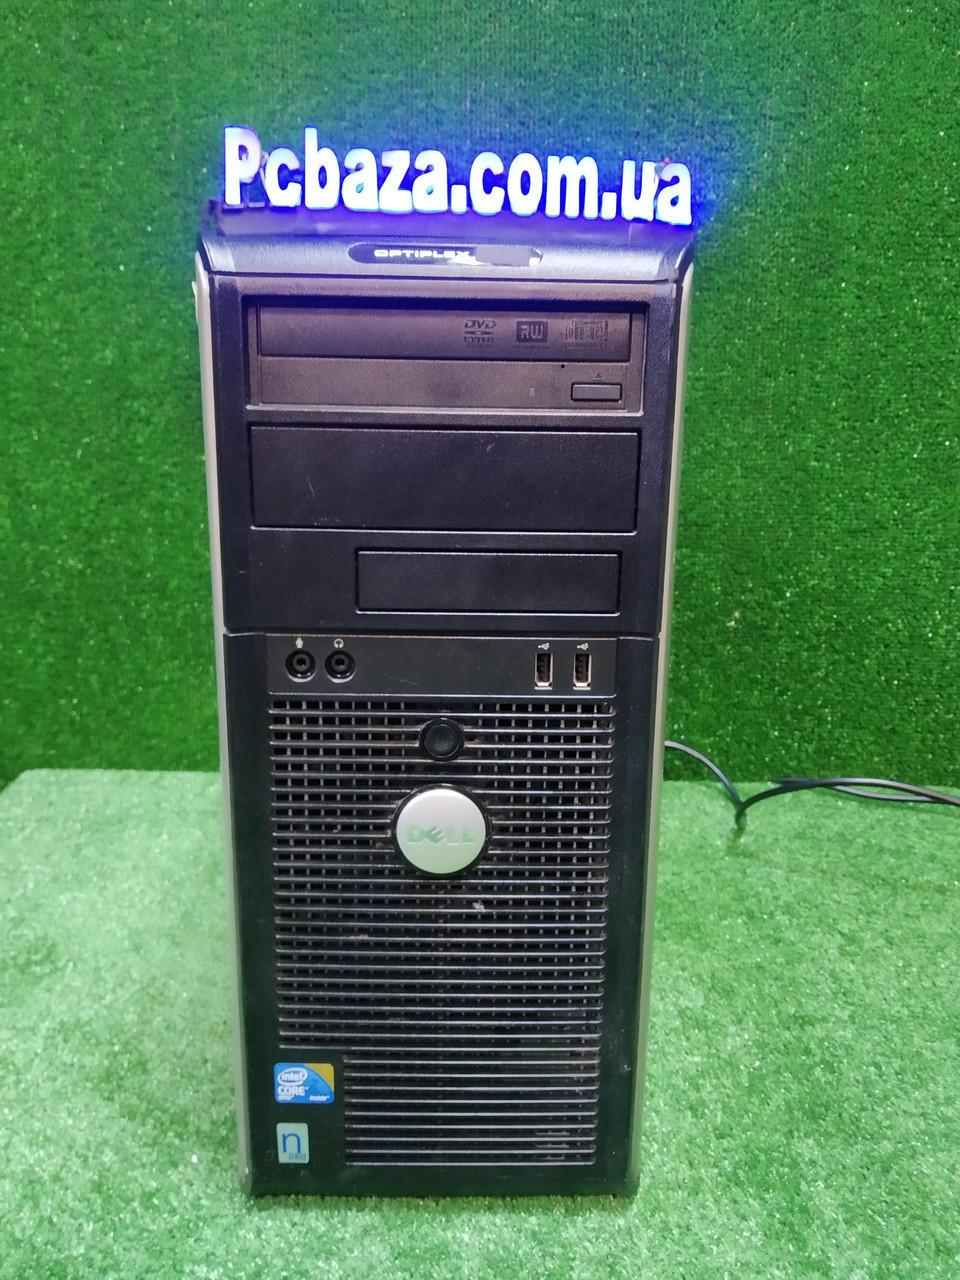 Компьютер Dell, Intel 4 ядра, 8 ГБ, 500 ГБ Настроен! Опт! Гарантия!